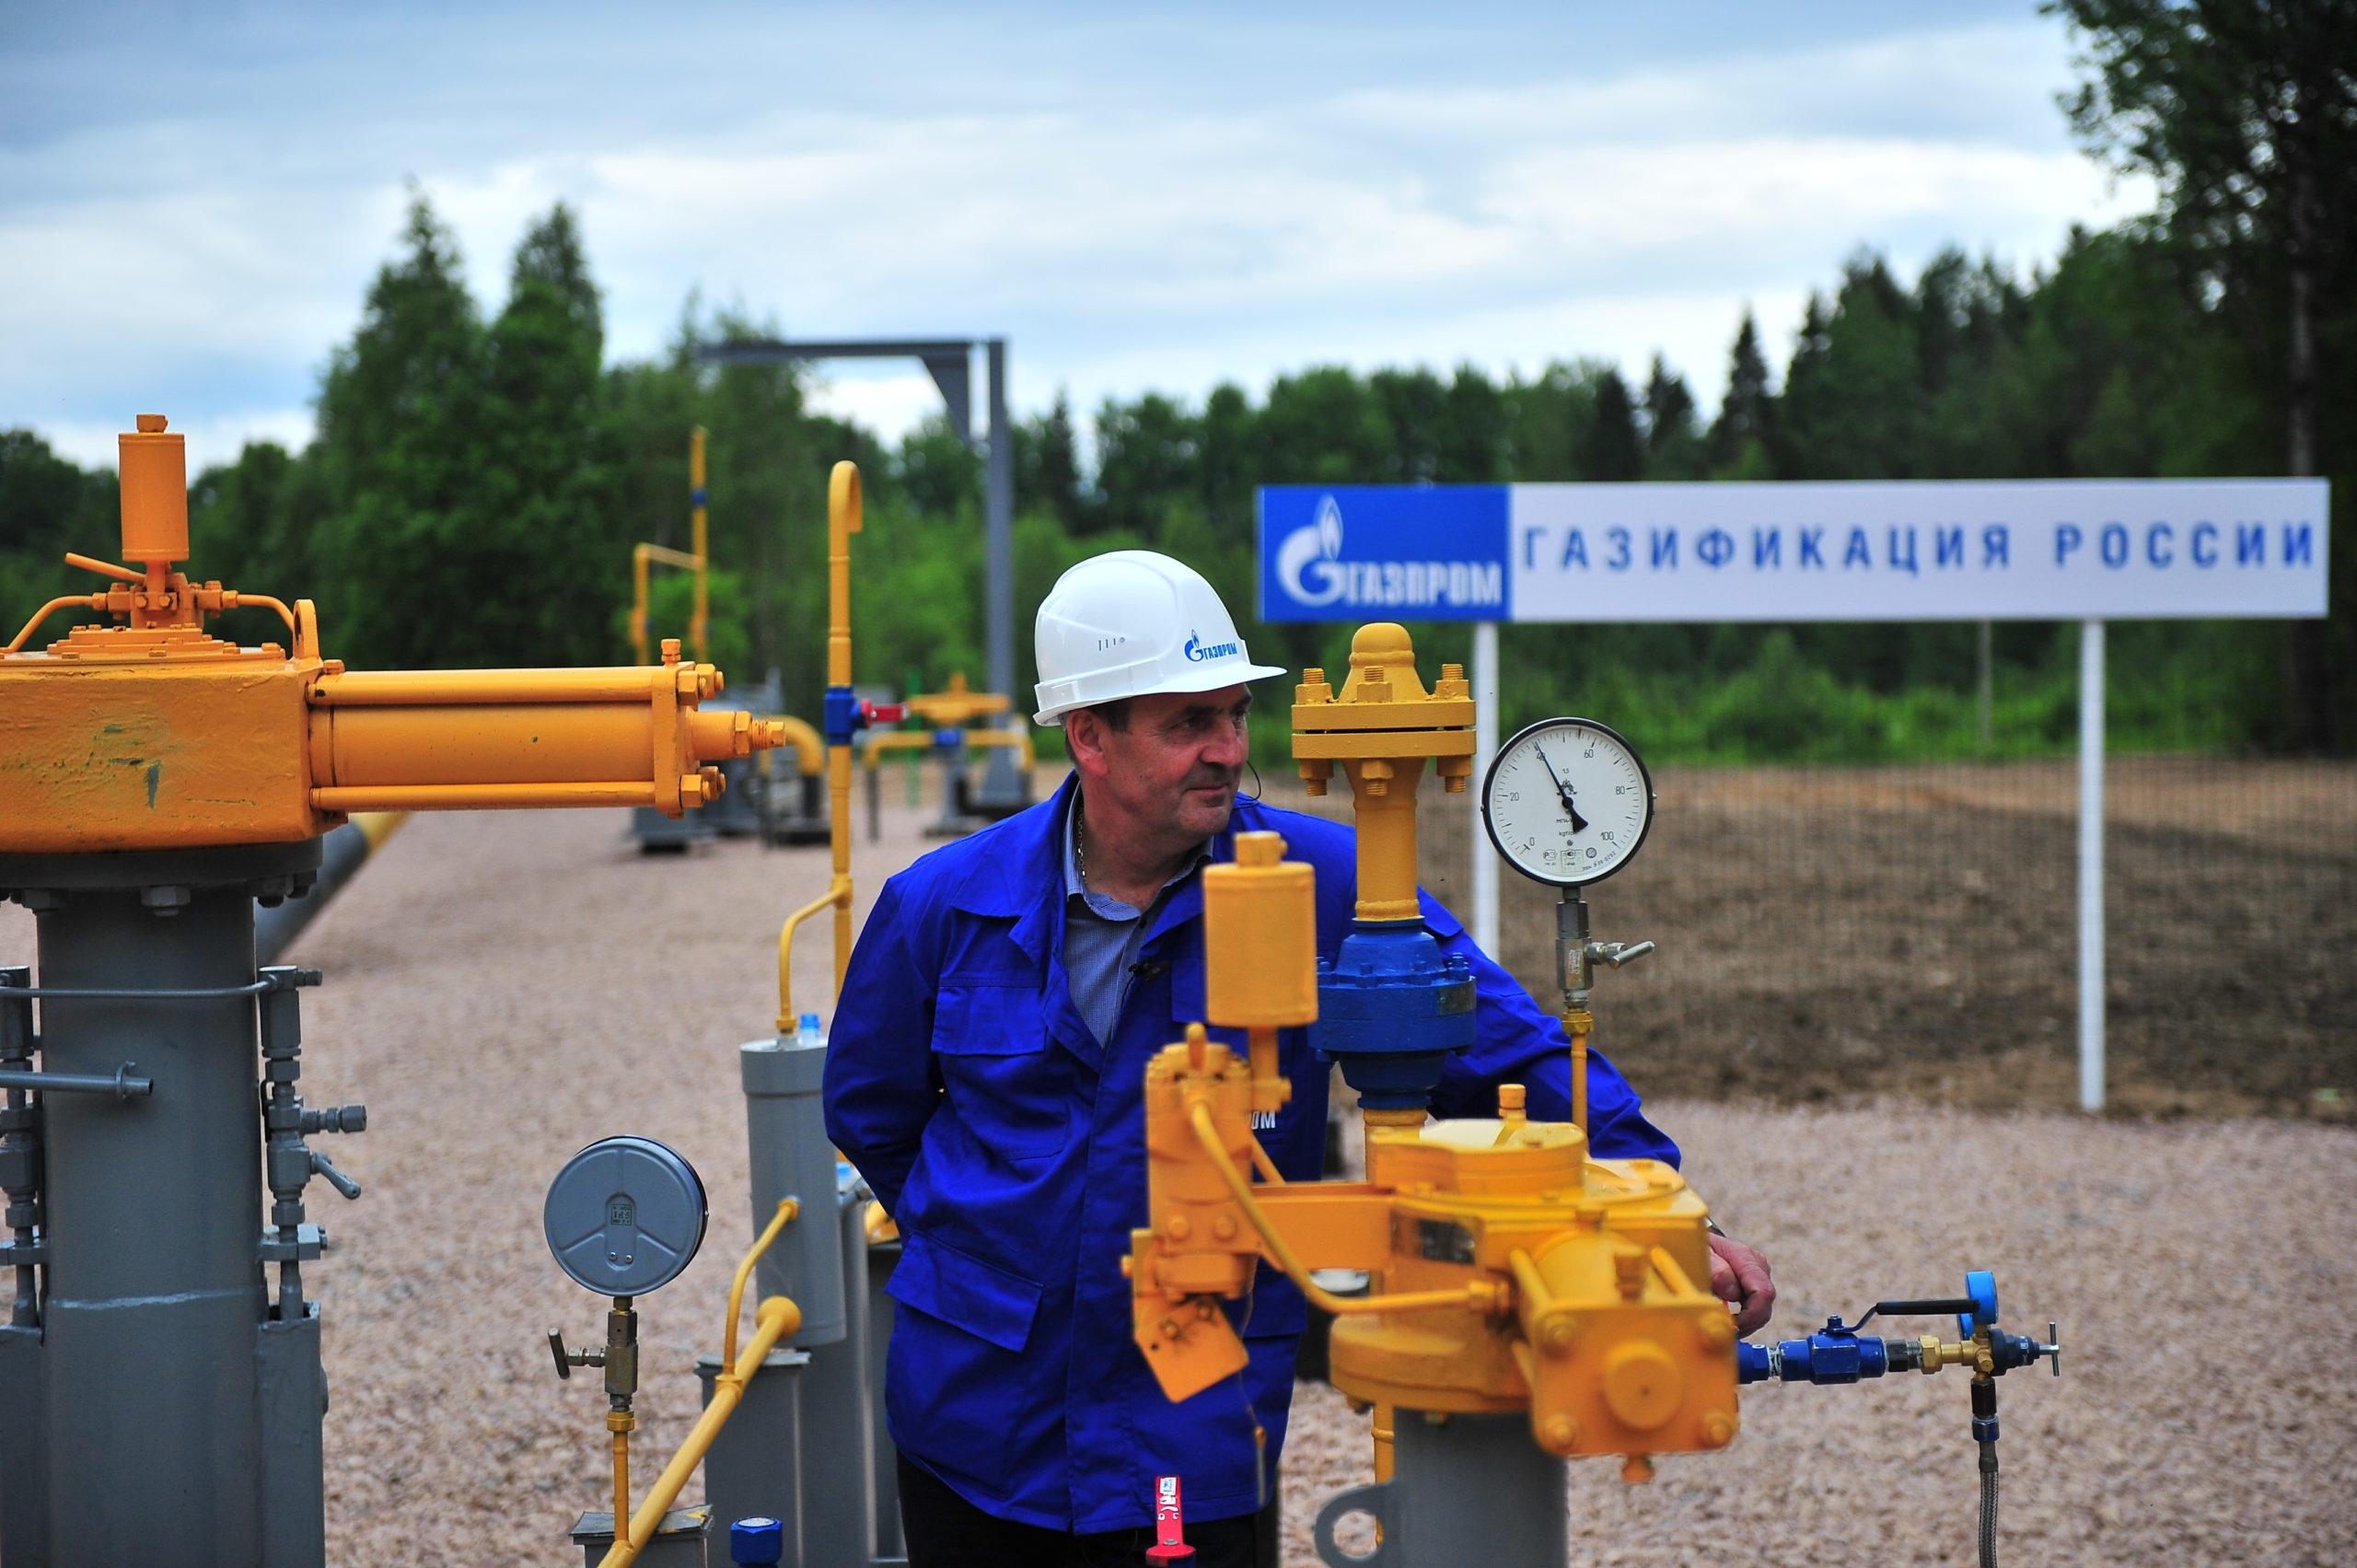 Кабмин подготовил поправки в закон о газоснабжении для снижения нагрузки с населения